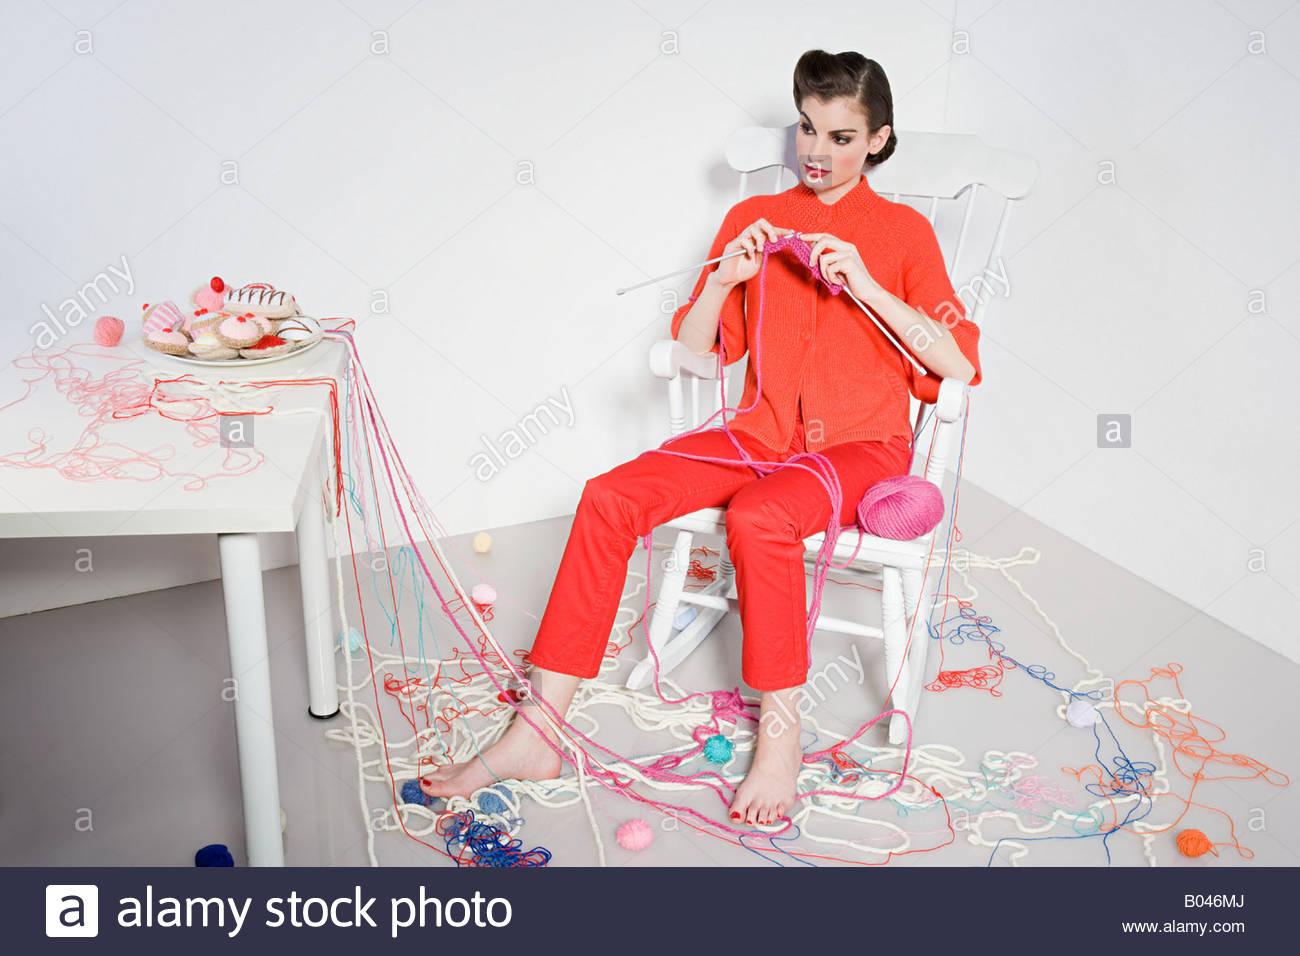 Woman knitting - Stock Image